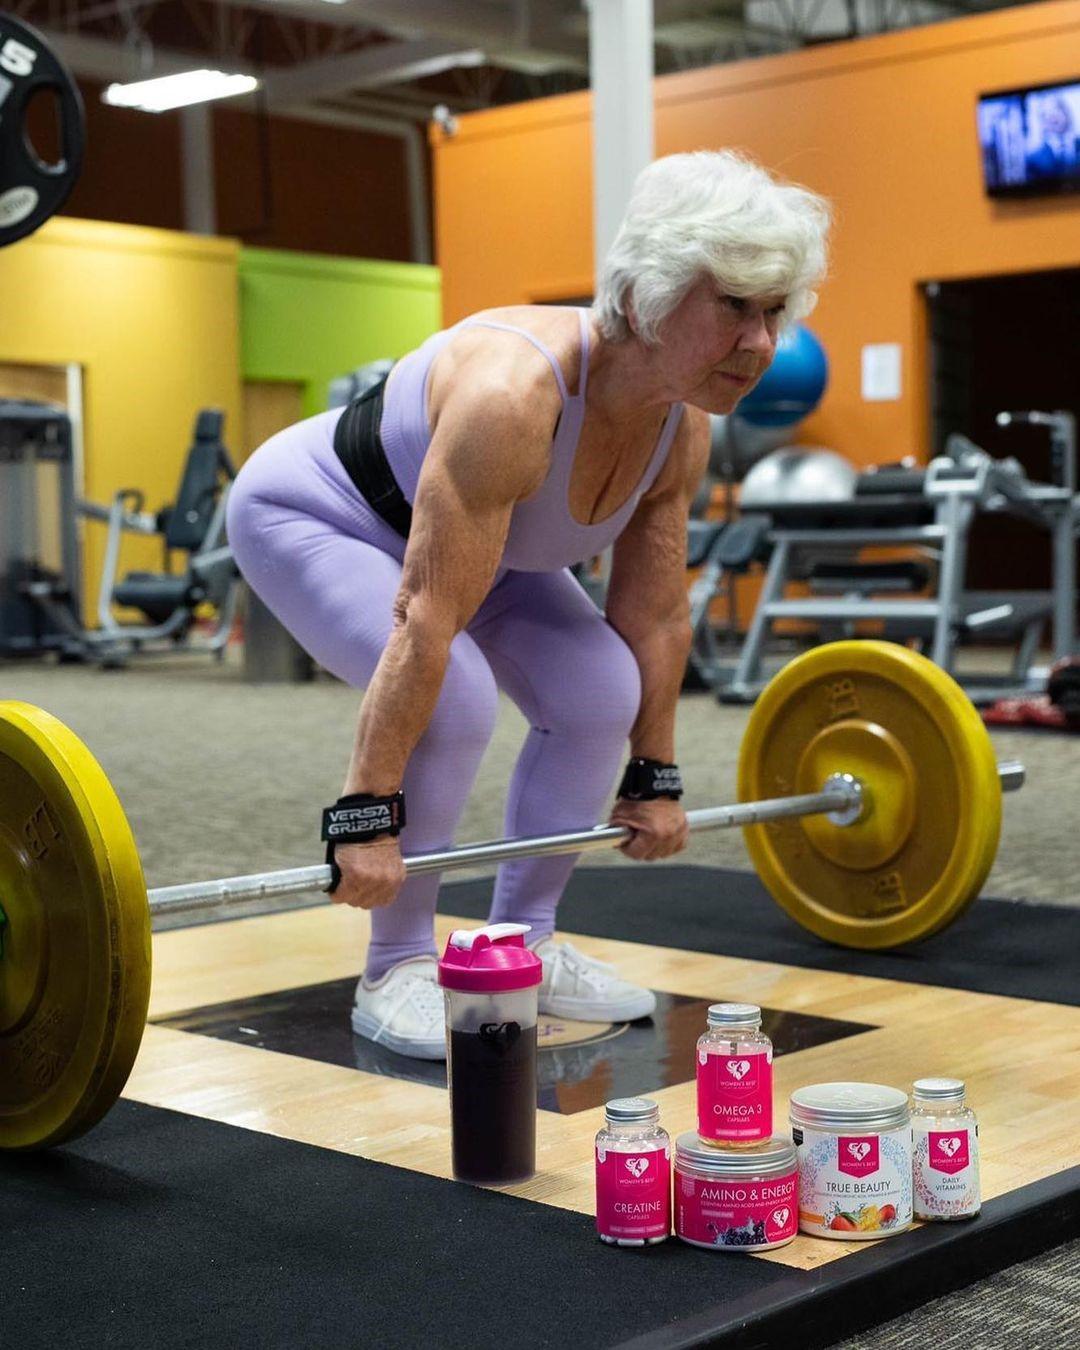 Возраст – это всего лишь число: история о том, как 74-летняя Джоан из бабушки превратилась в фитнес-модель